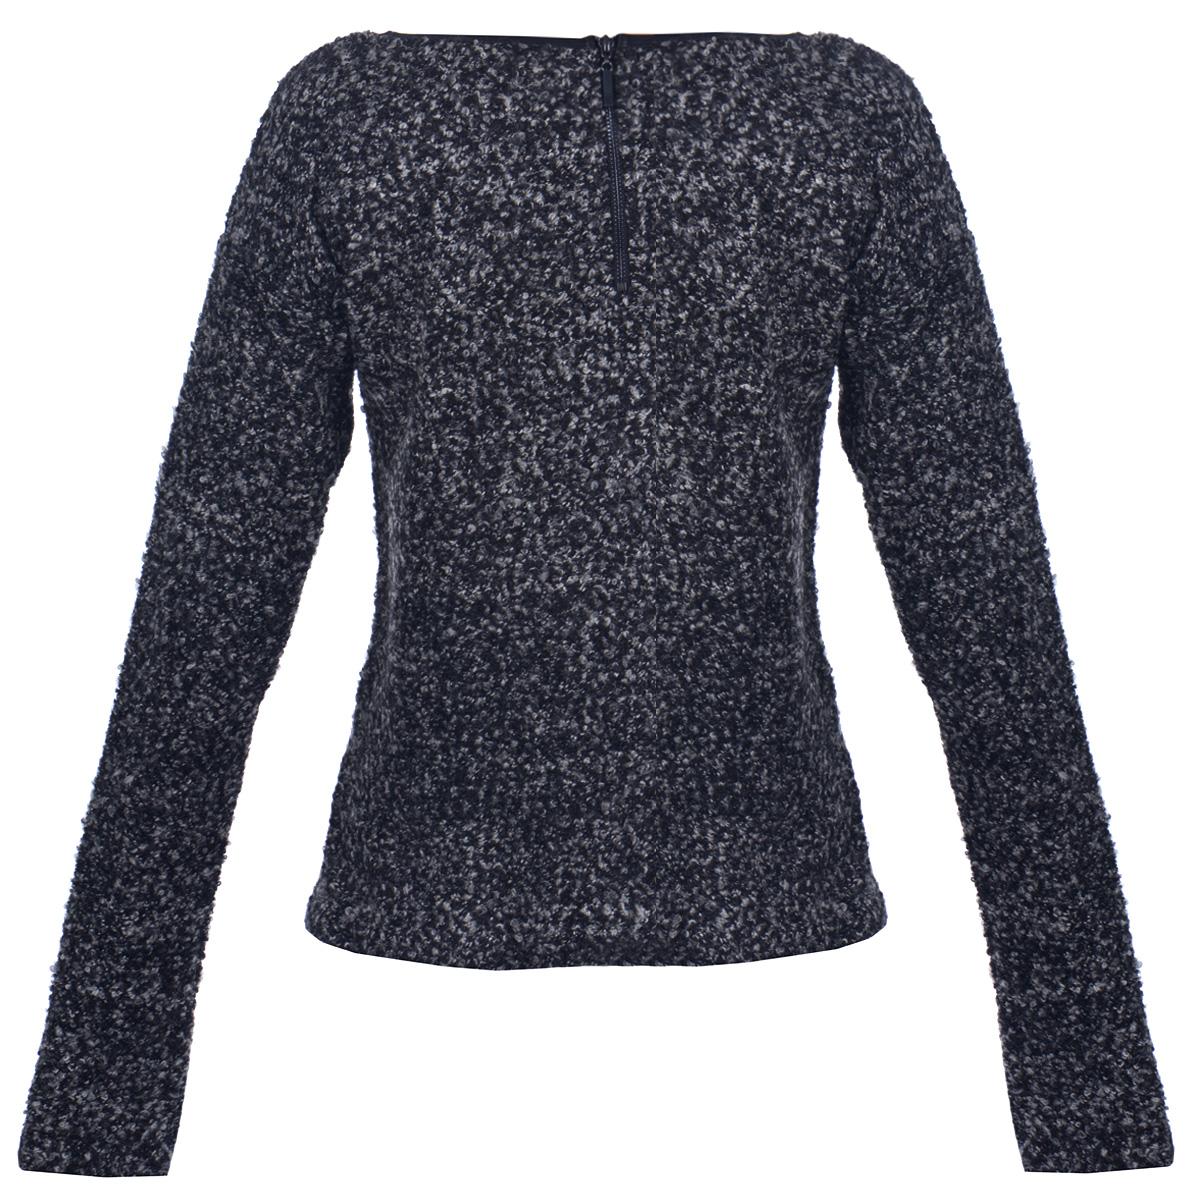 Пуловер женский. 1015064610150646Симпатичный женский пуловер Broadway, выполненный из буклированной пряжи, необычайно мягкий и приятный на ощупь, не сковывает движения, обеспечивая наибольший комфорт. Модель с круглым вырезом горловины и длинными рукавами-кимоно на спинке застегивается на молнию. Горловина отделана окантовкой из искусственной кожи. Теплый и практичный вариант для прохладной погоды.